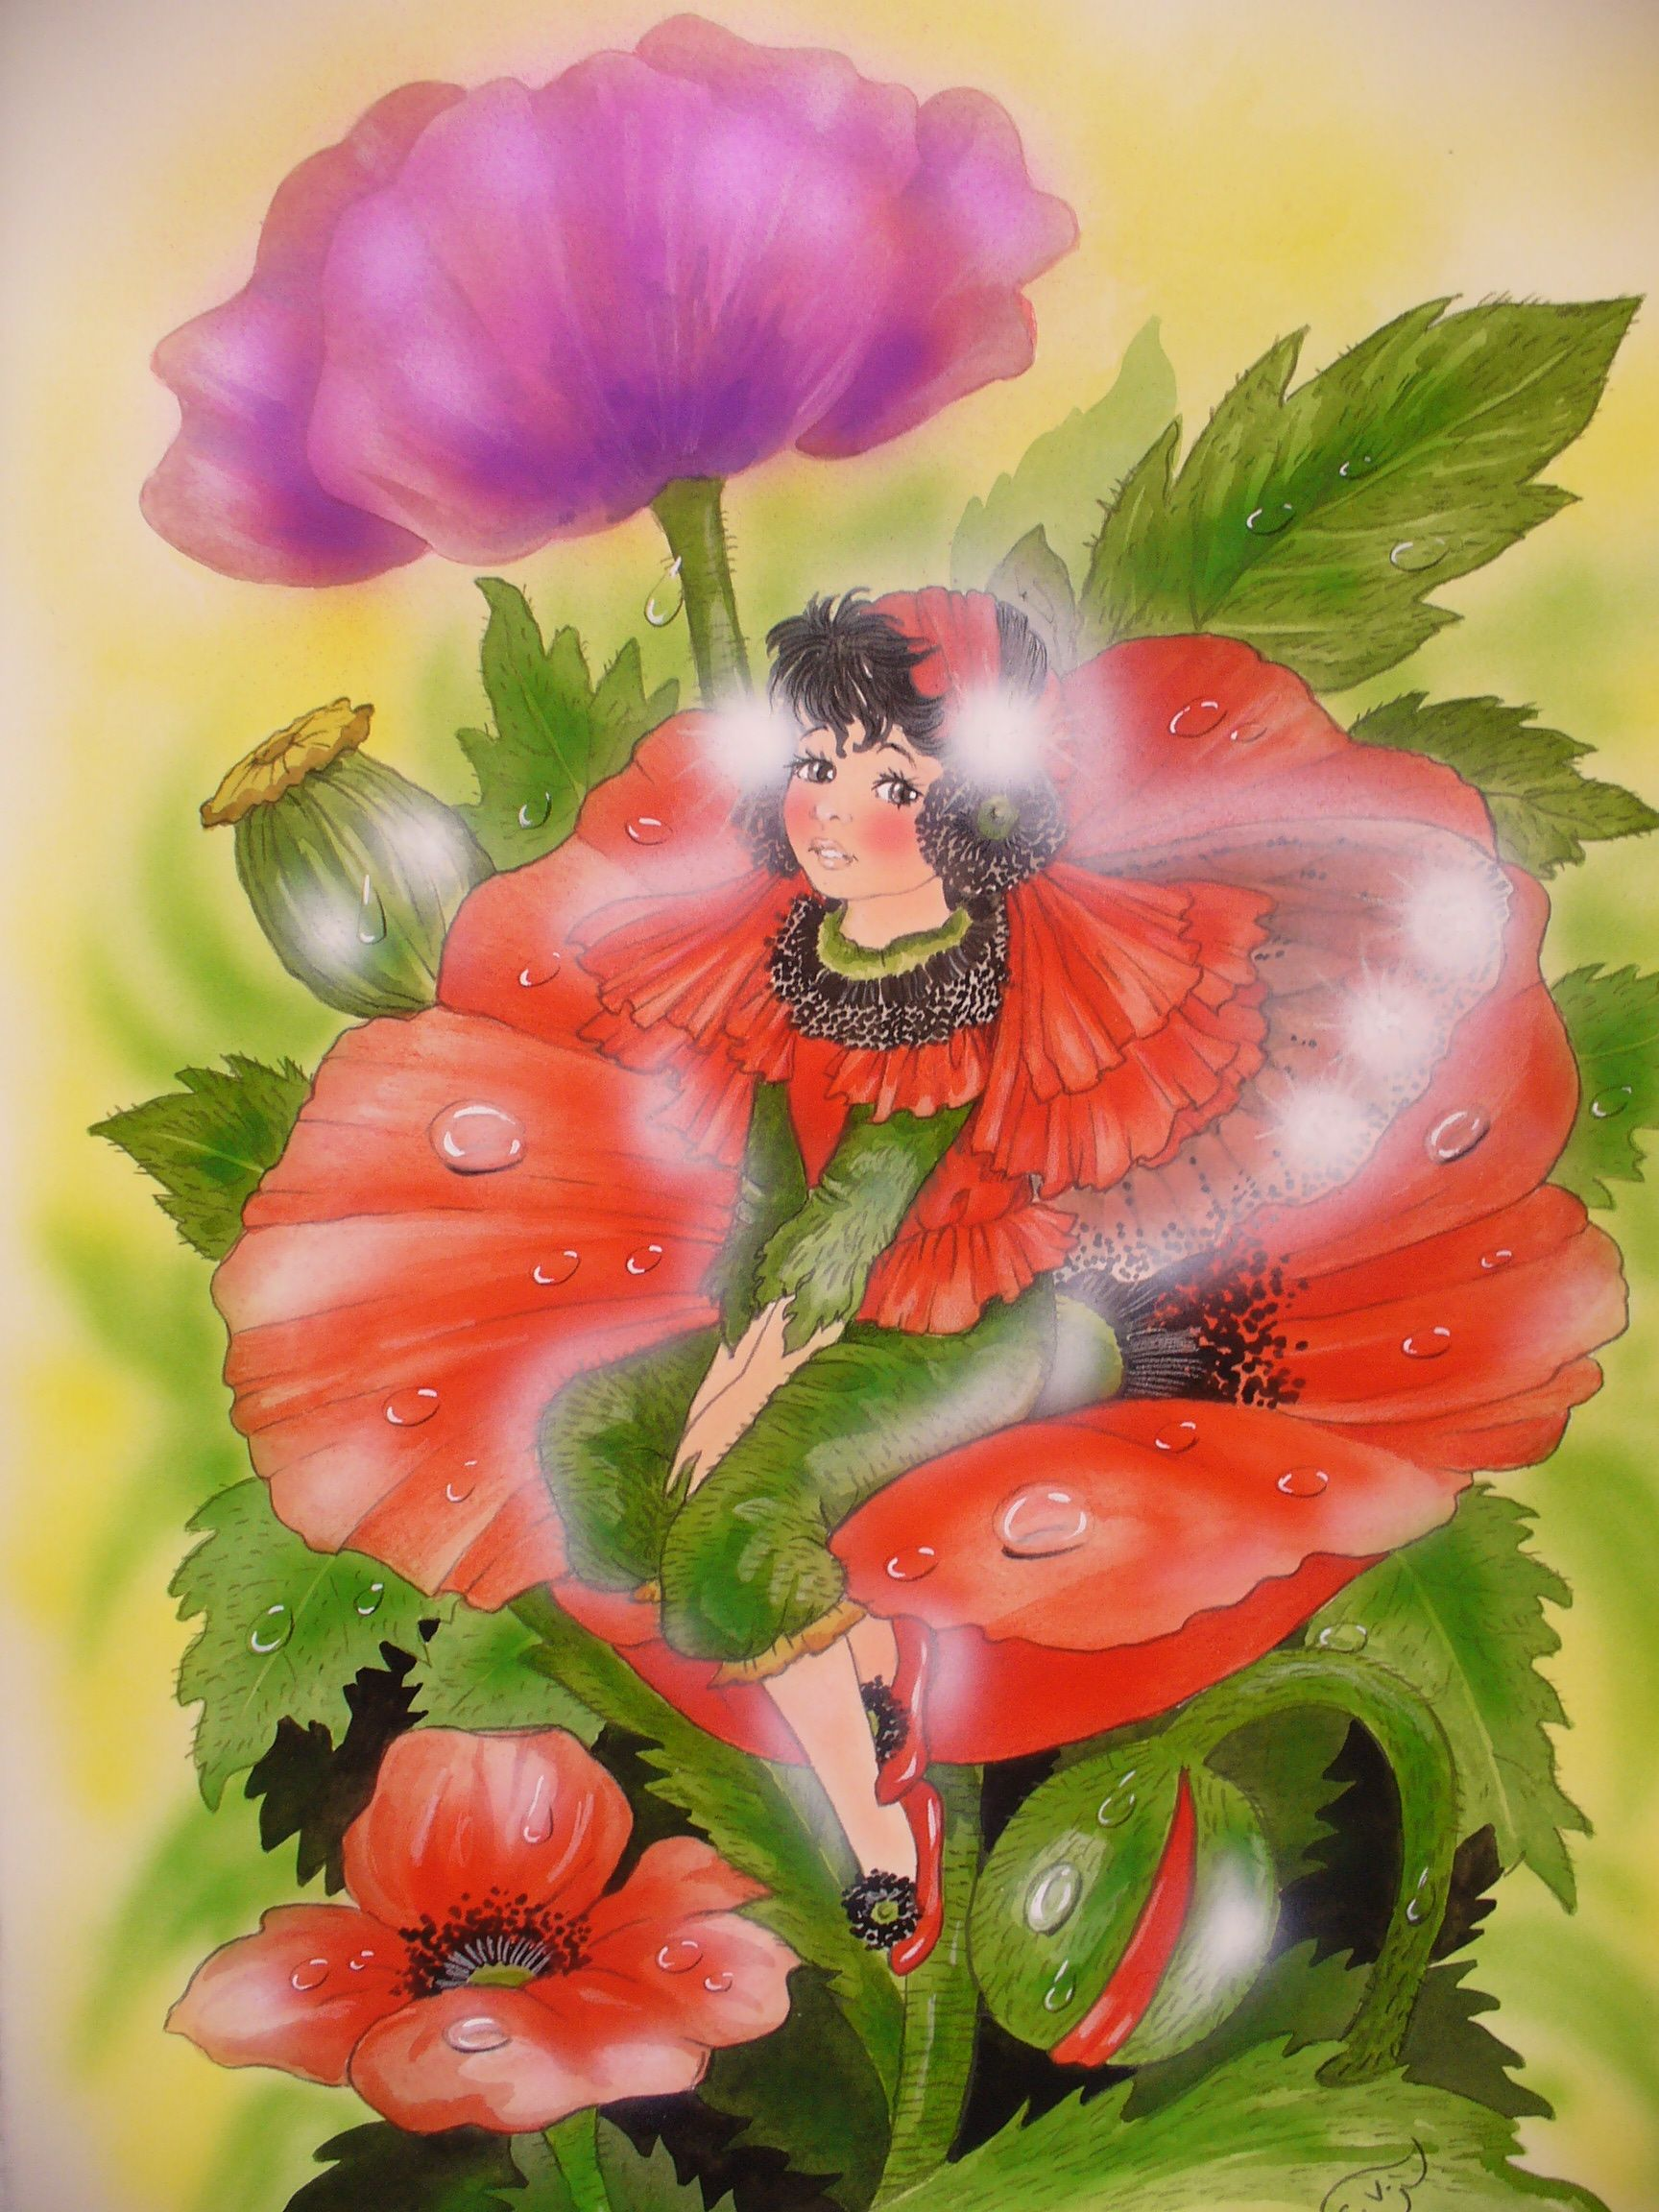 Auf der Klatschmoonwiese, da sitzt das Mohnblumen-Elfchen ganz traurig, weil...  von Christl Vogl